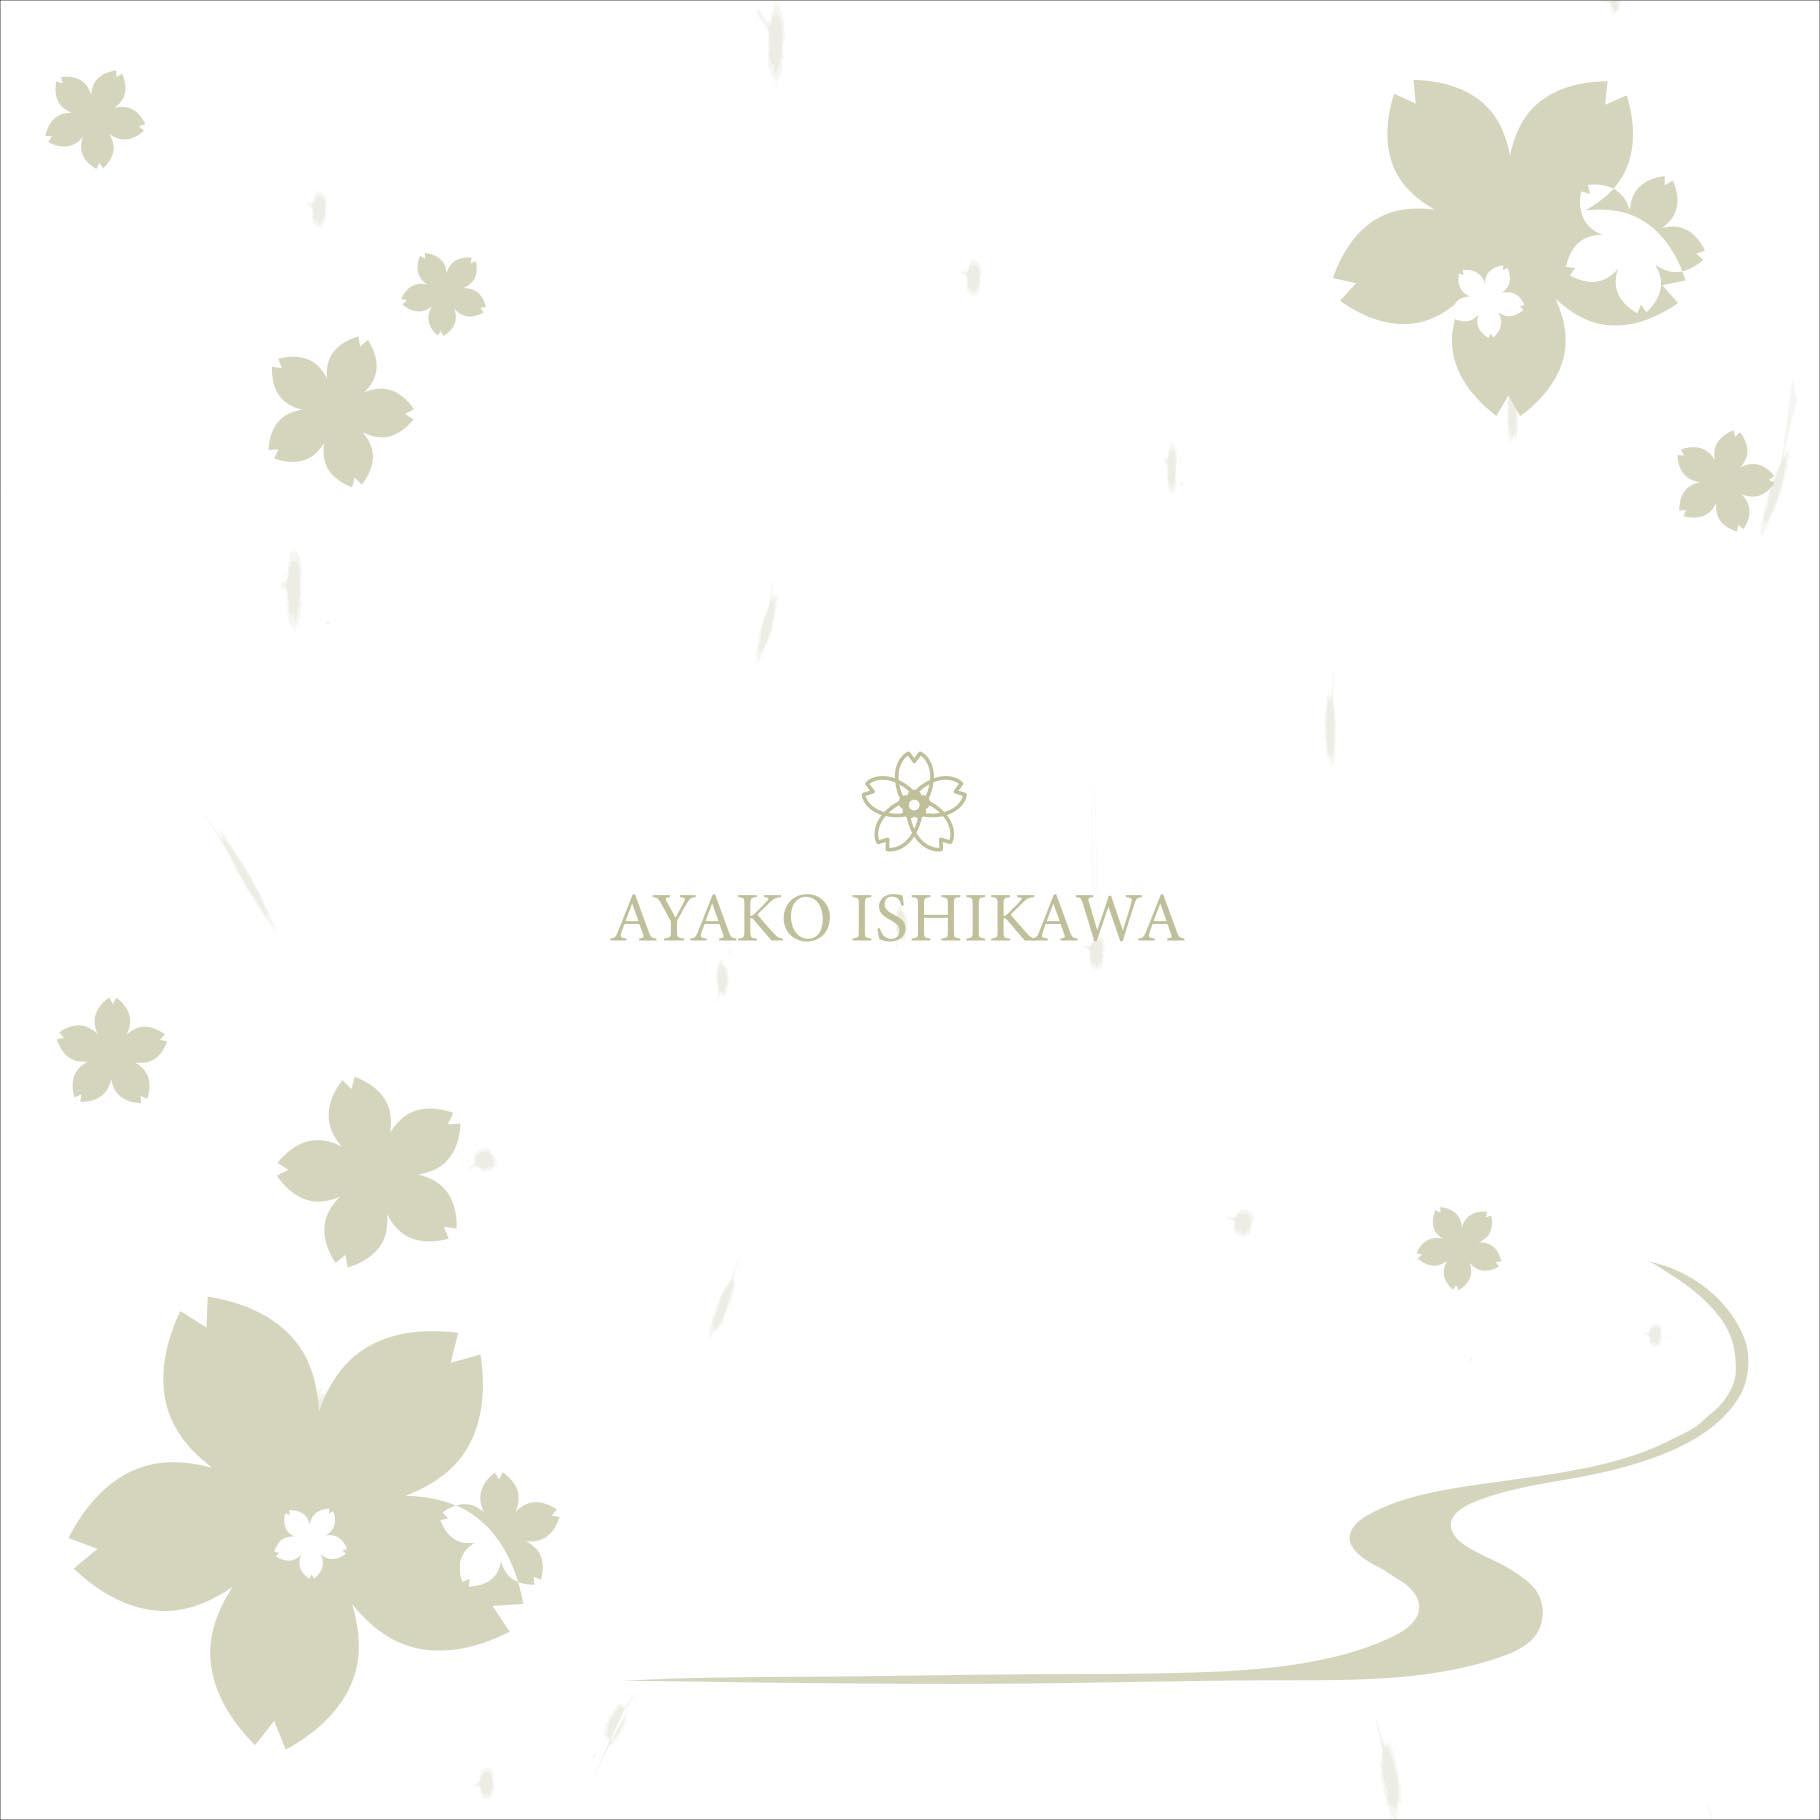 (白)AyakoIshikawa_ハンカチ40_ローン.jpg